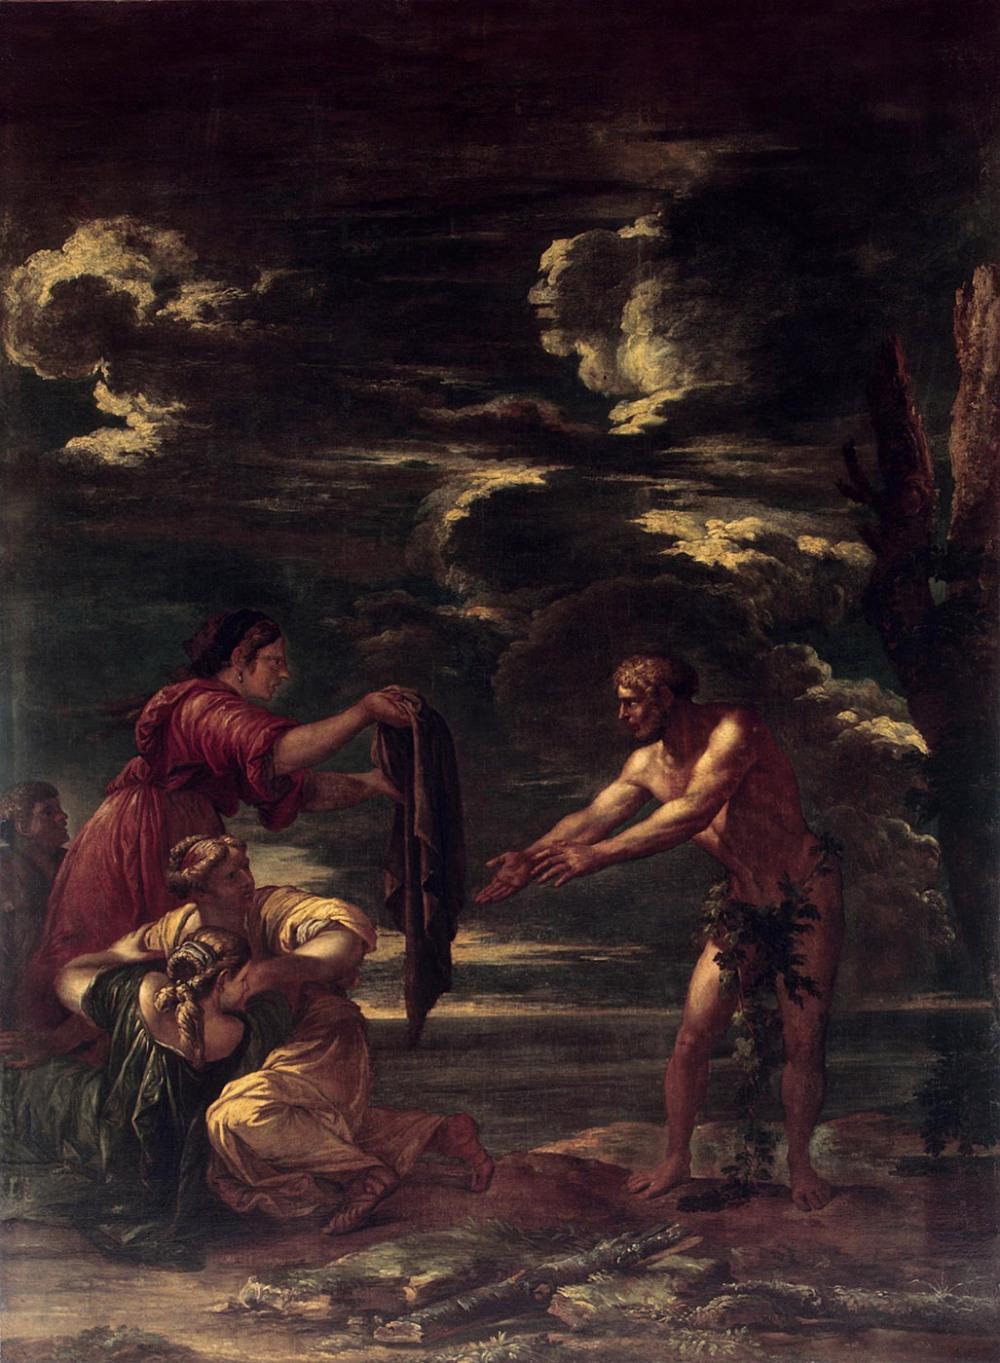 Salvator Rosa. Ulises y Nausícaa. 1663-1664. Museo del Hermitage. San Petersburgo.